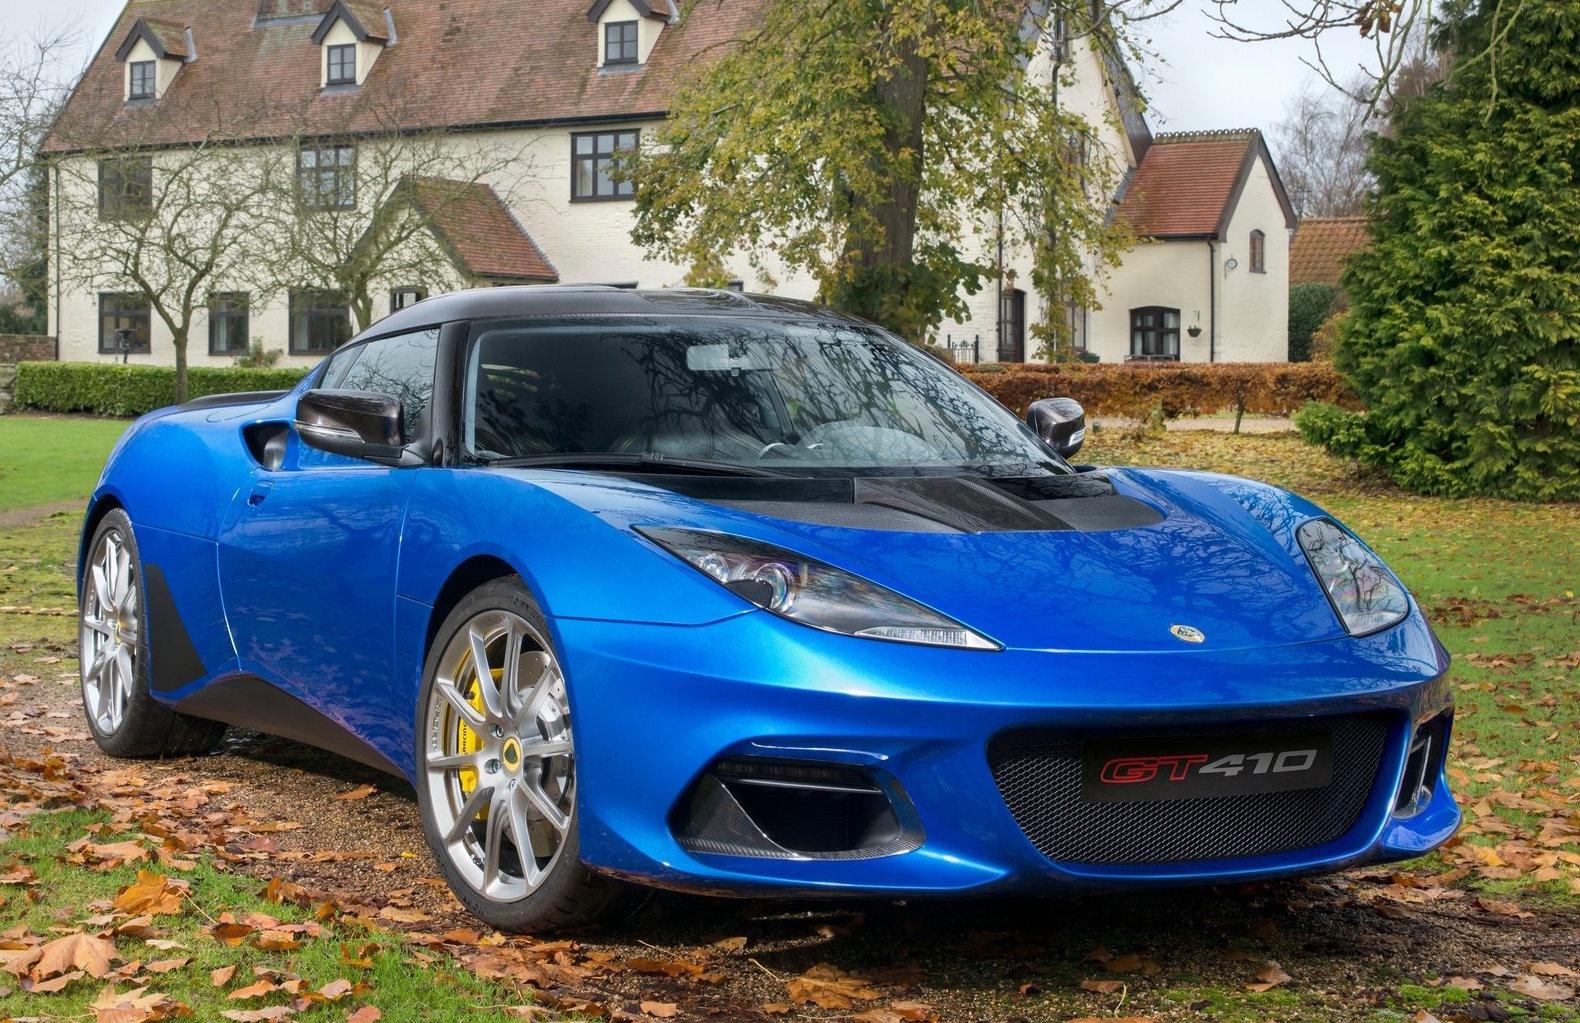 2018 Lotus Evora GT410 Sport Announced, Replaces Evora